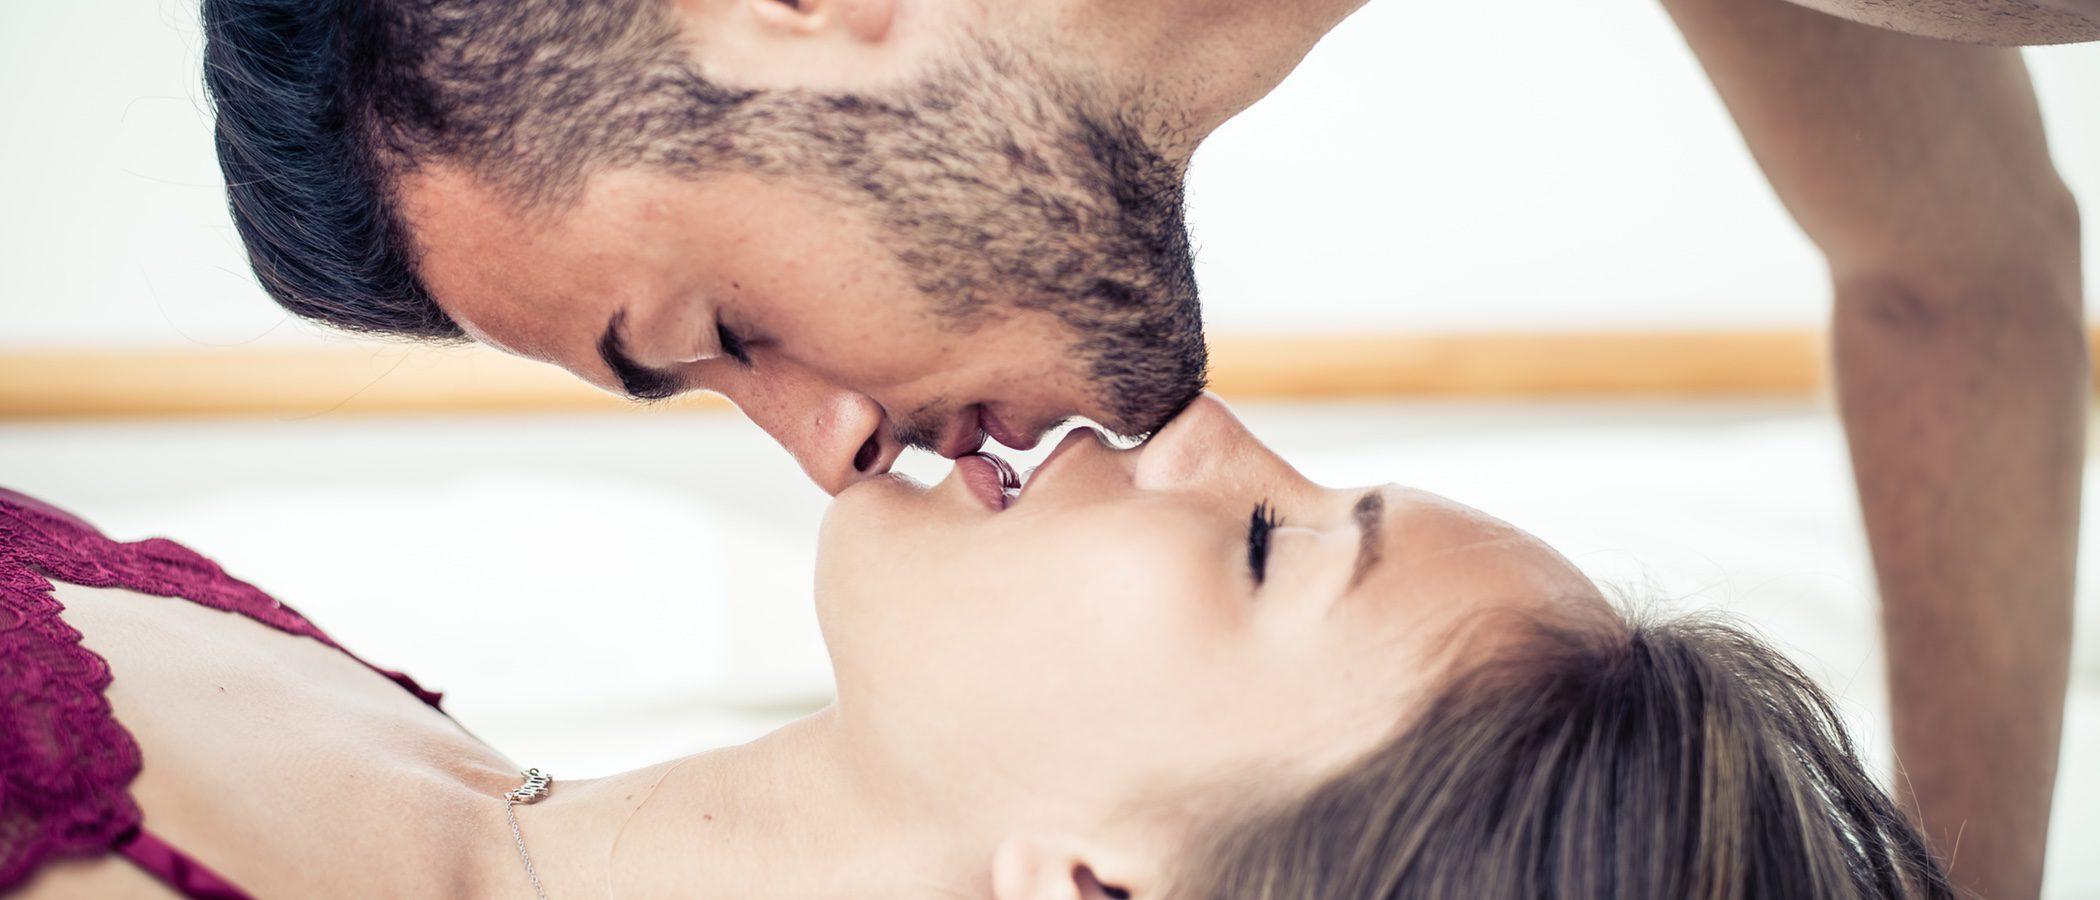 Horóscopo sexual agosto 2017: Cáncer